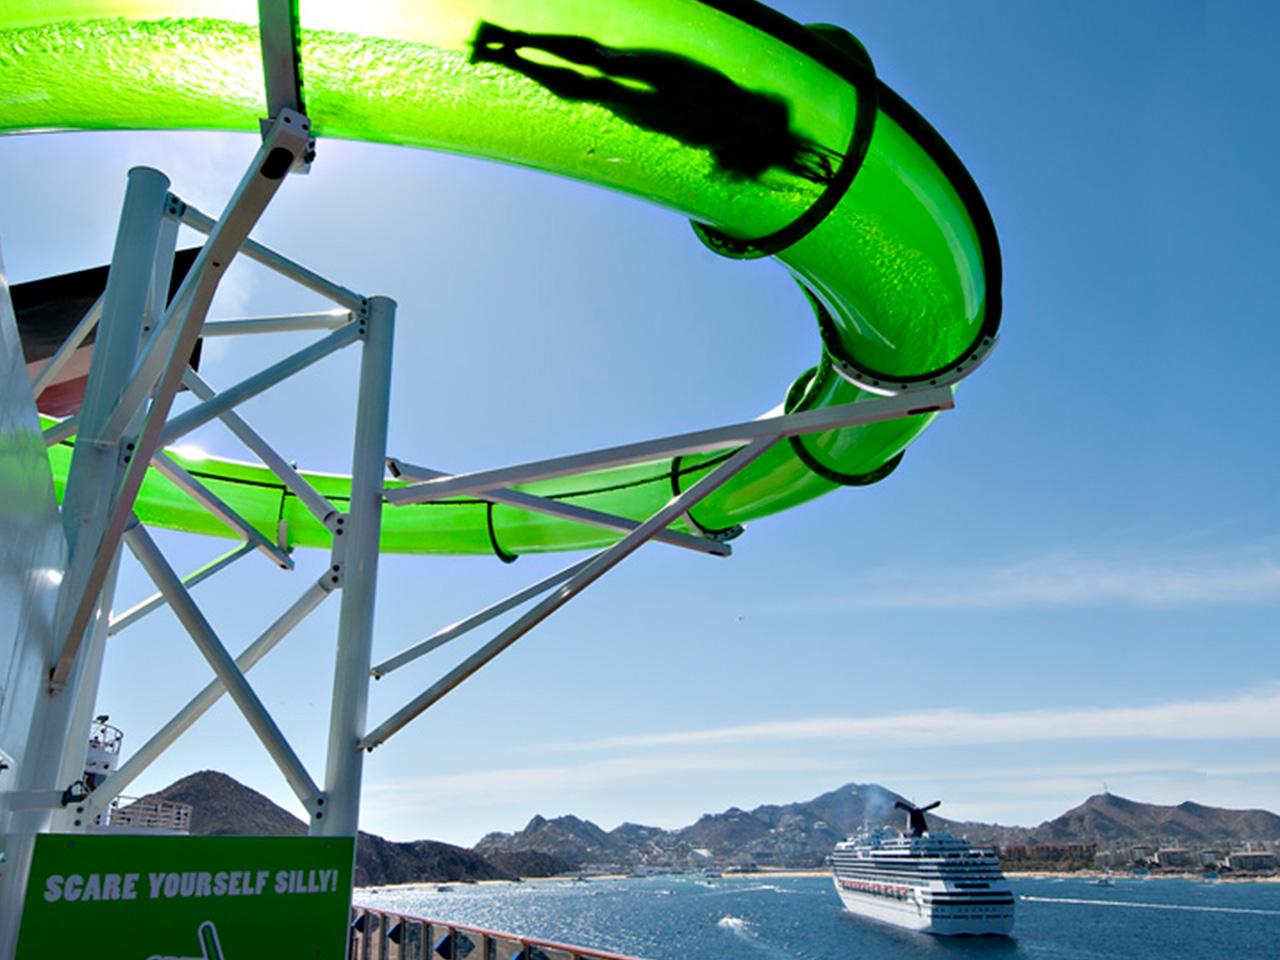 All aboard Carnival's fun ships